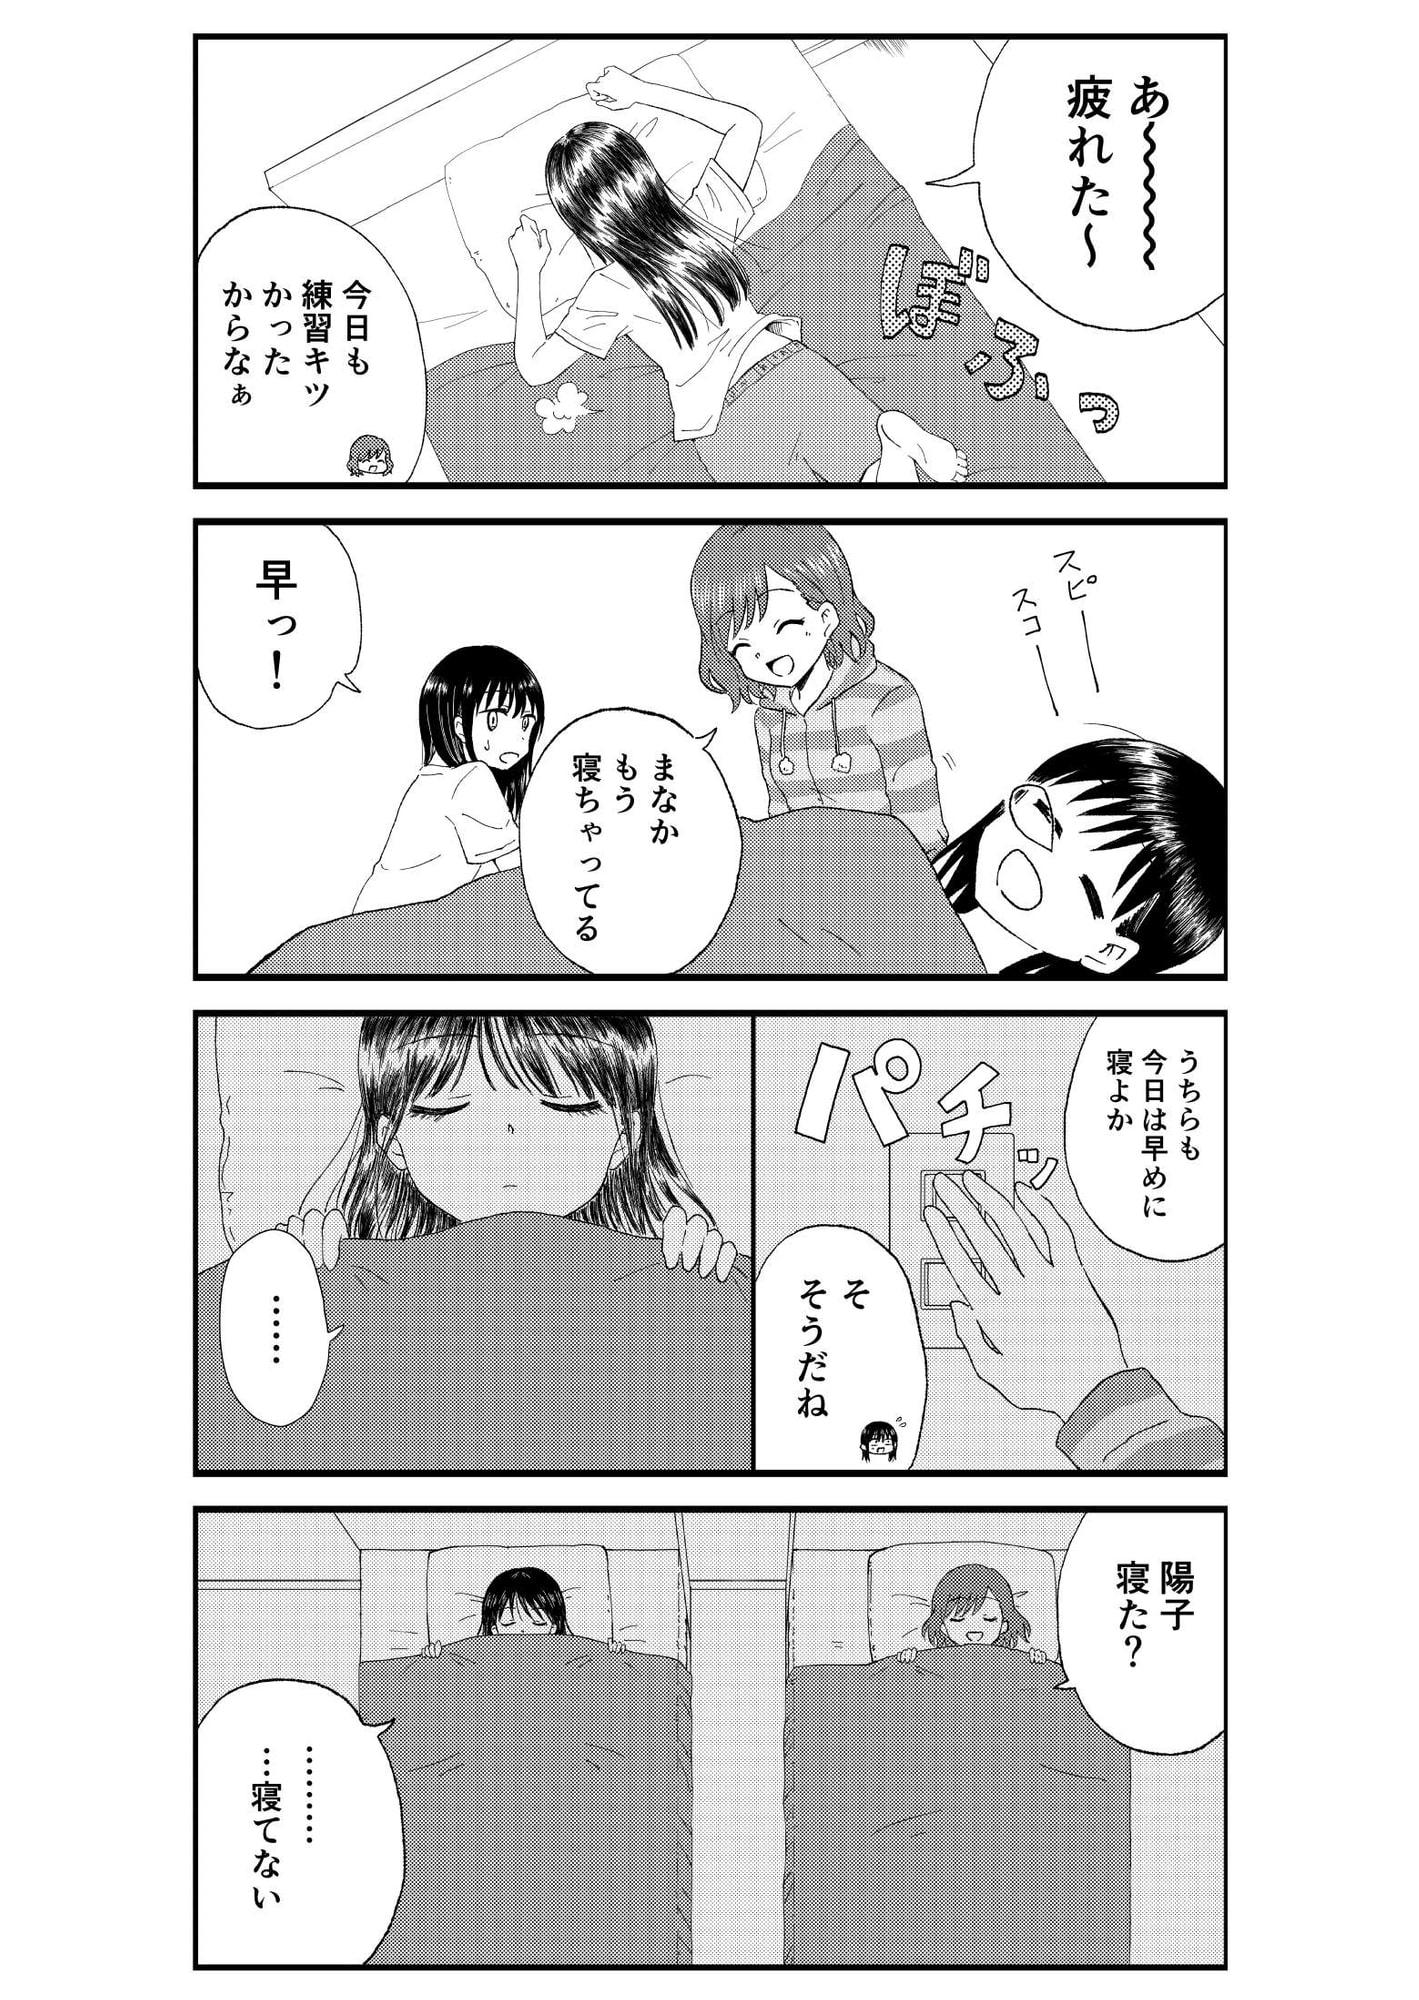 キモオタ、アイドルやるってよ(1)のサンプル画像3